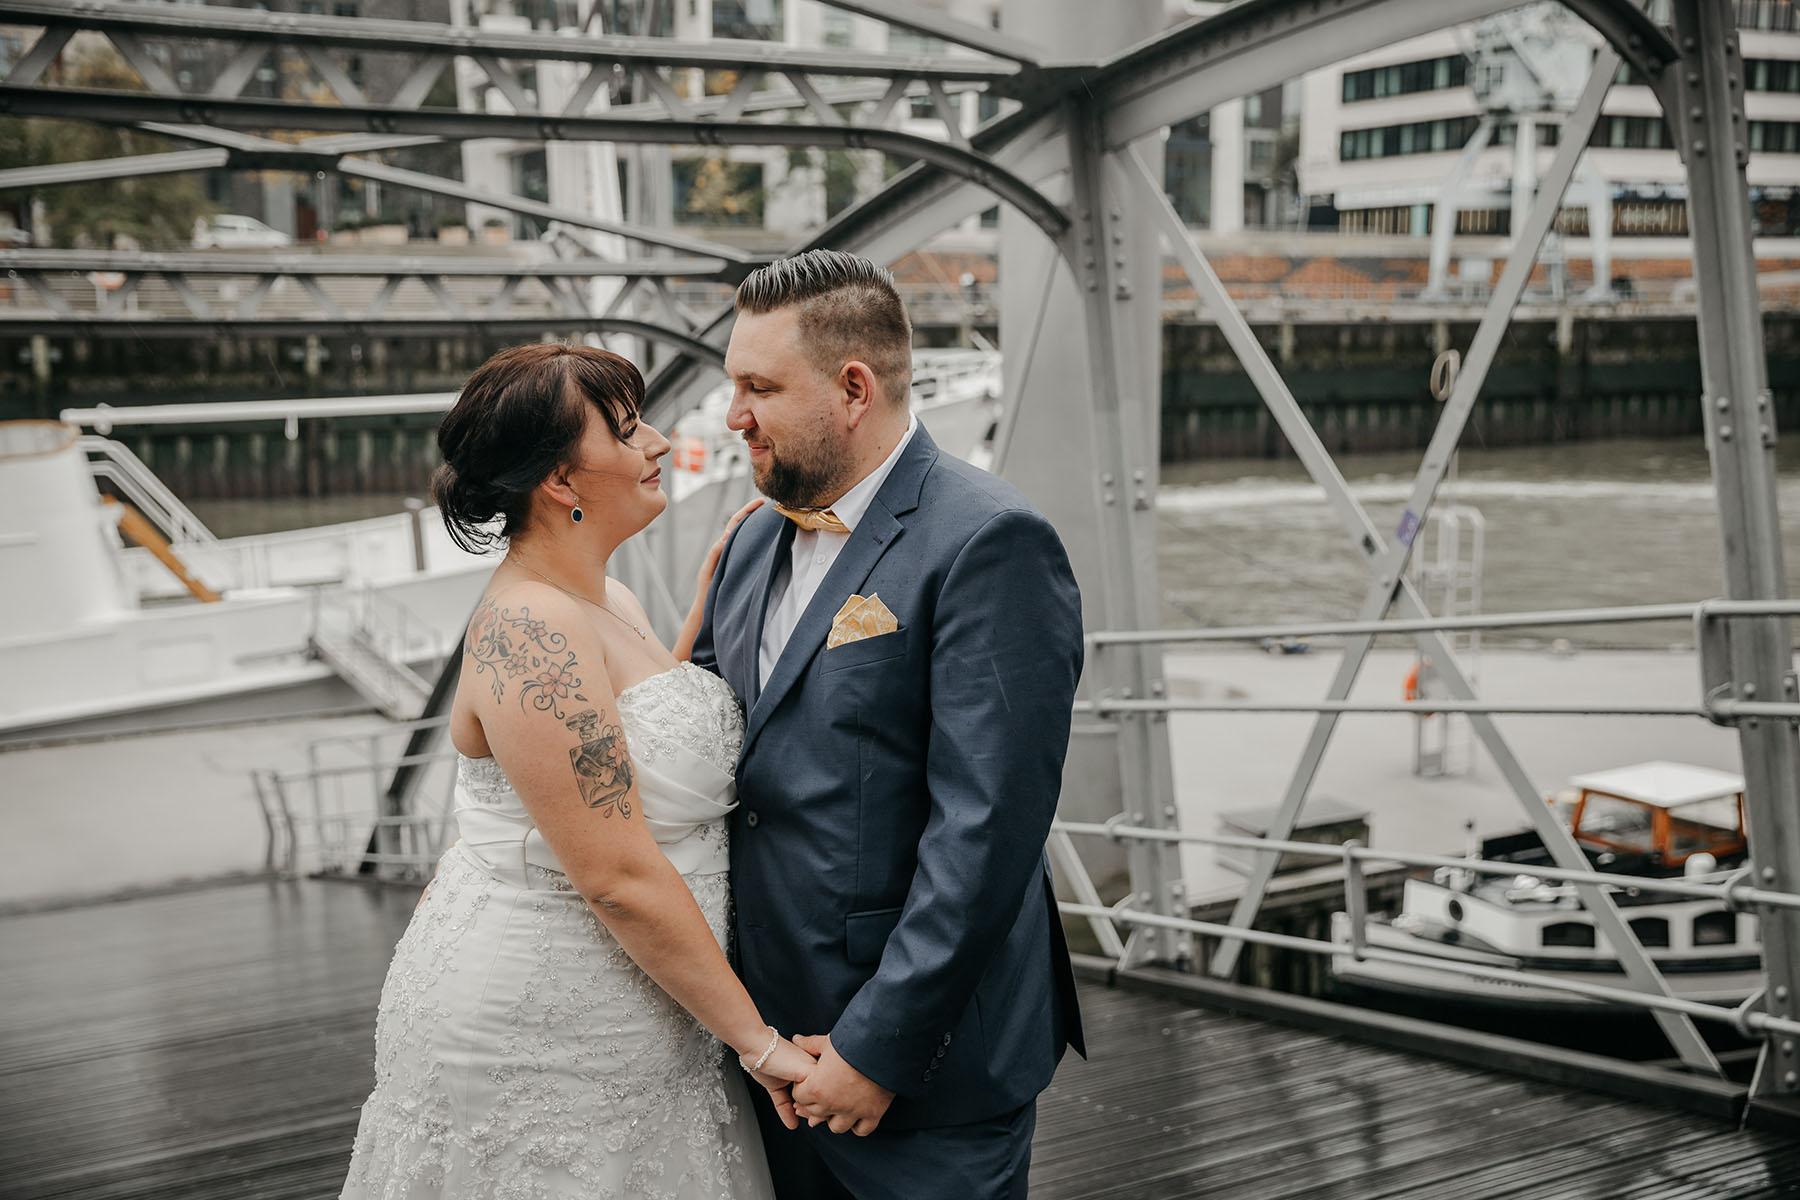 Brautpaarfotos im Regen in der HafenCity